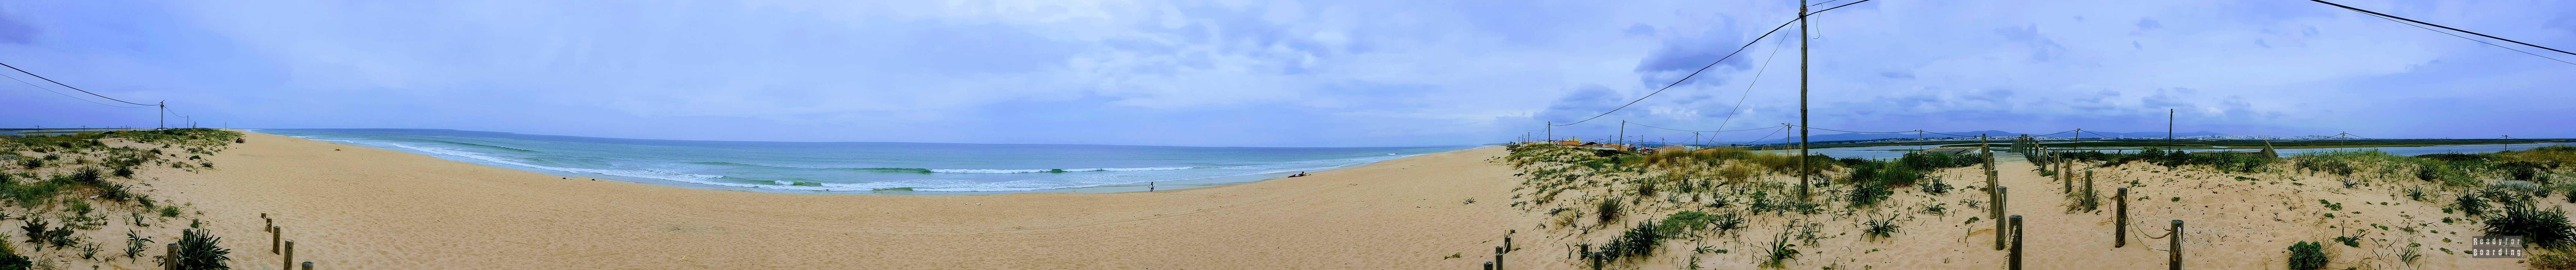 Panorama: Praia de Faro, Algarve, Portugalia